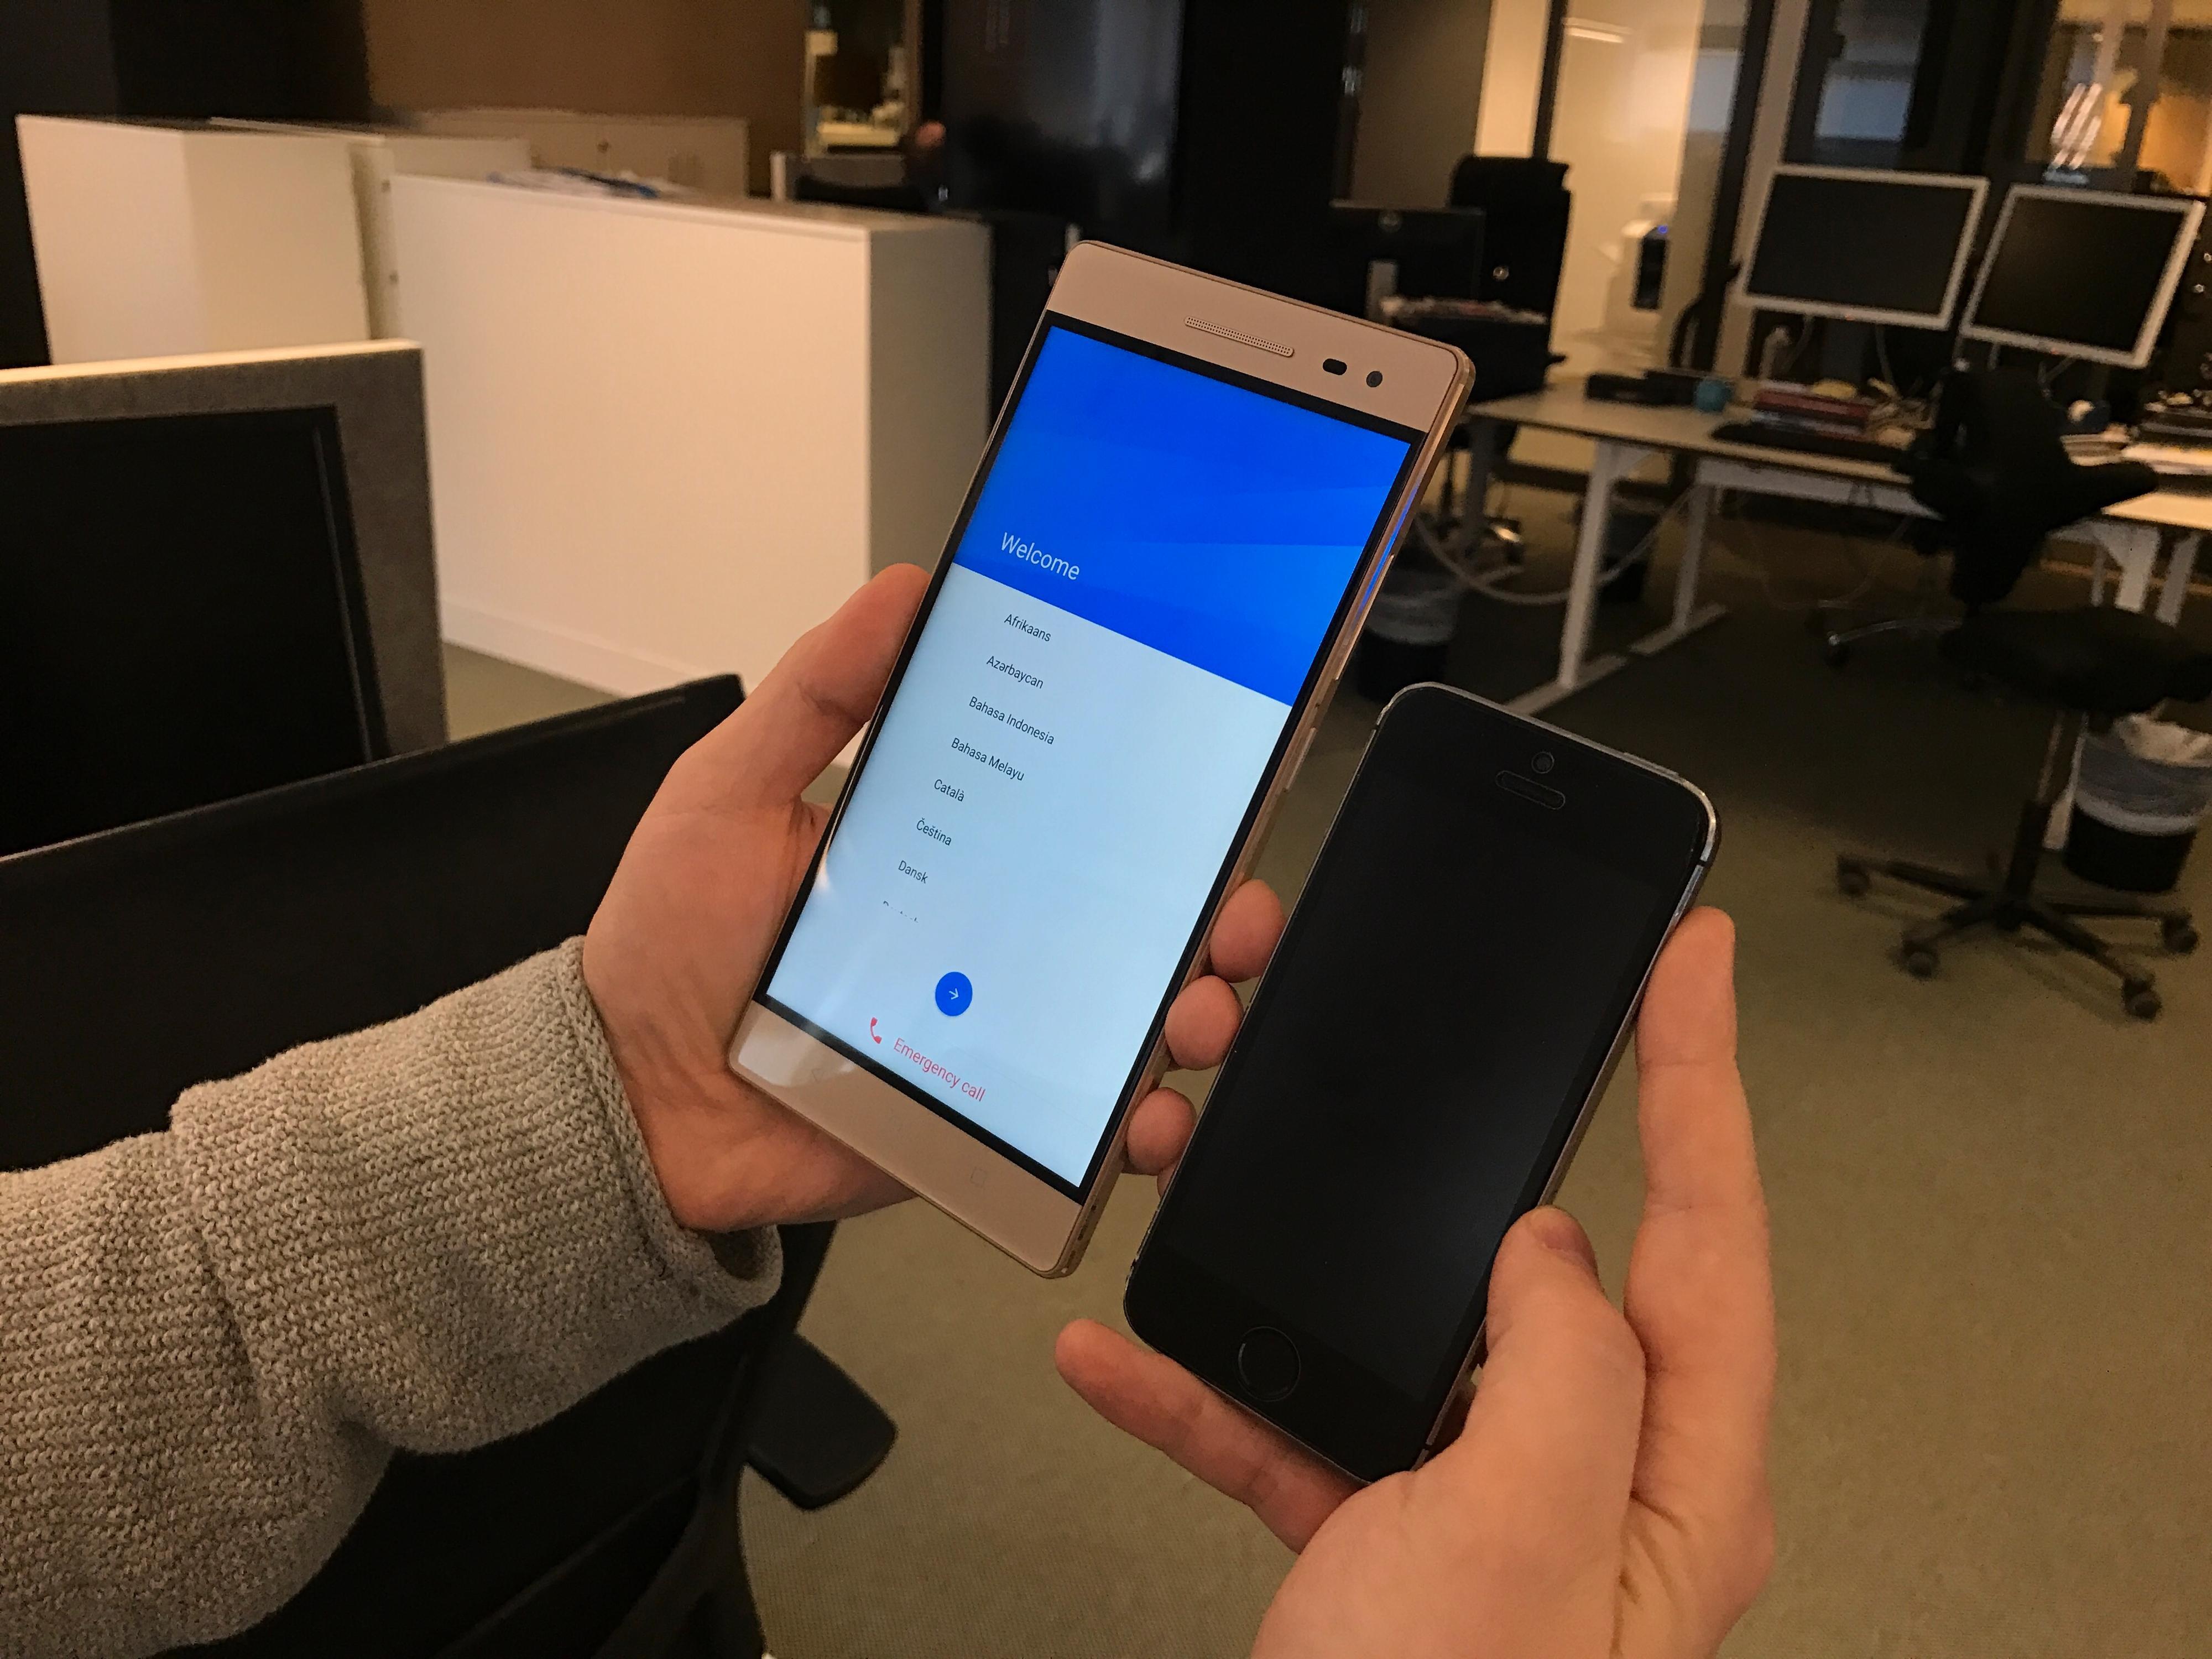 Lenovo Phab 2 Pro ved siden av en iPhone 5S. Ser du forskjellen?